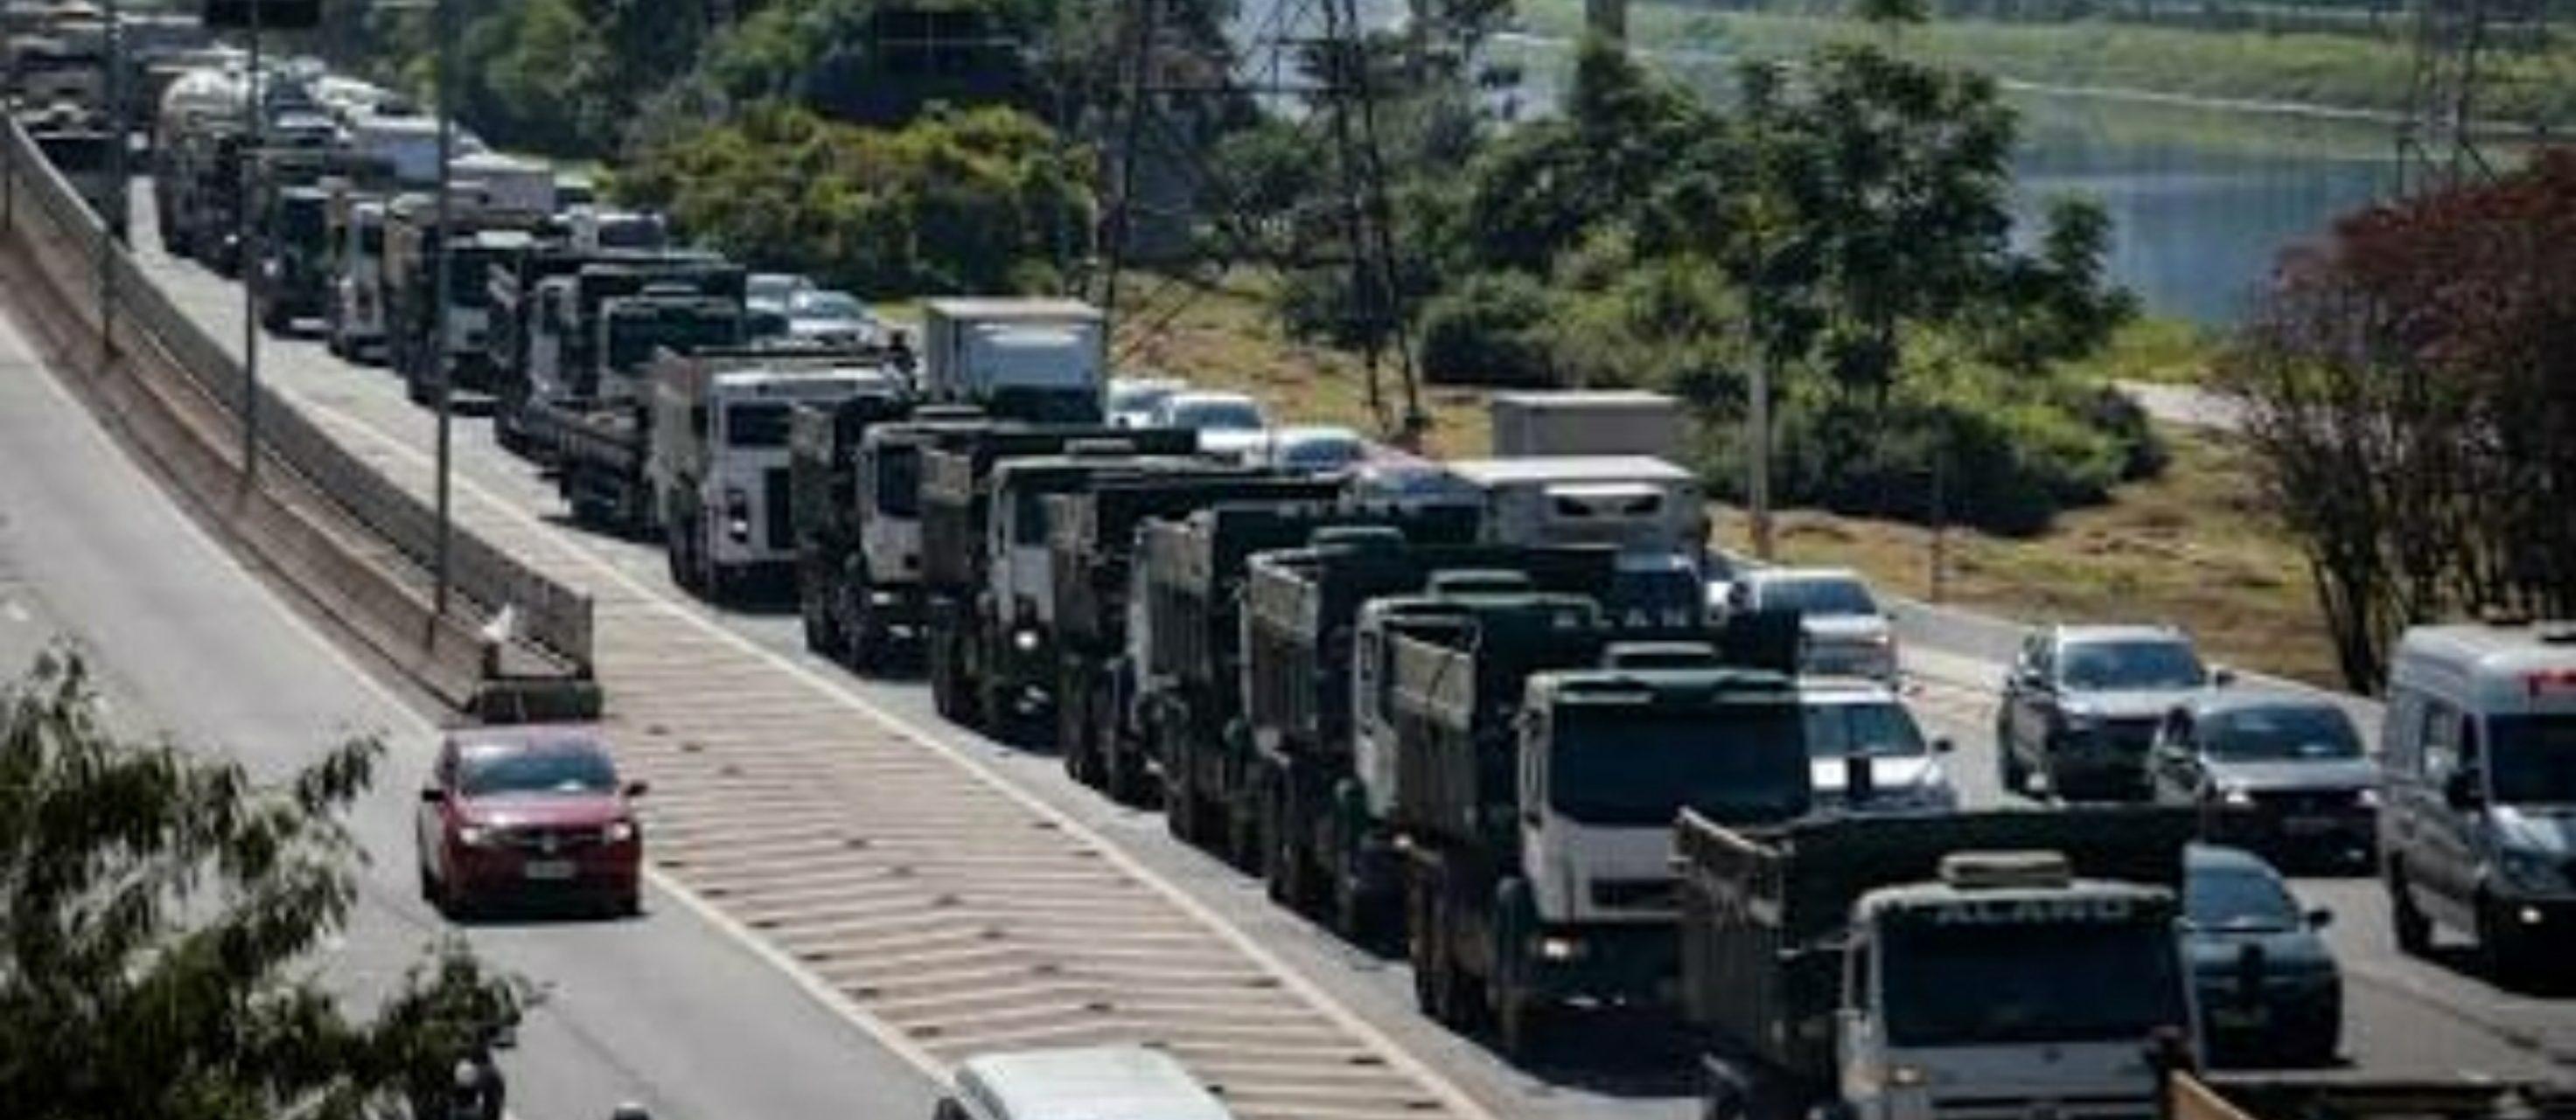 ALTA DE PREÇOS DOS COMBUSTÍVEIS NO BRASIL – SAIBA QUEM SERIAM OS MAIORES CULPADOS